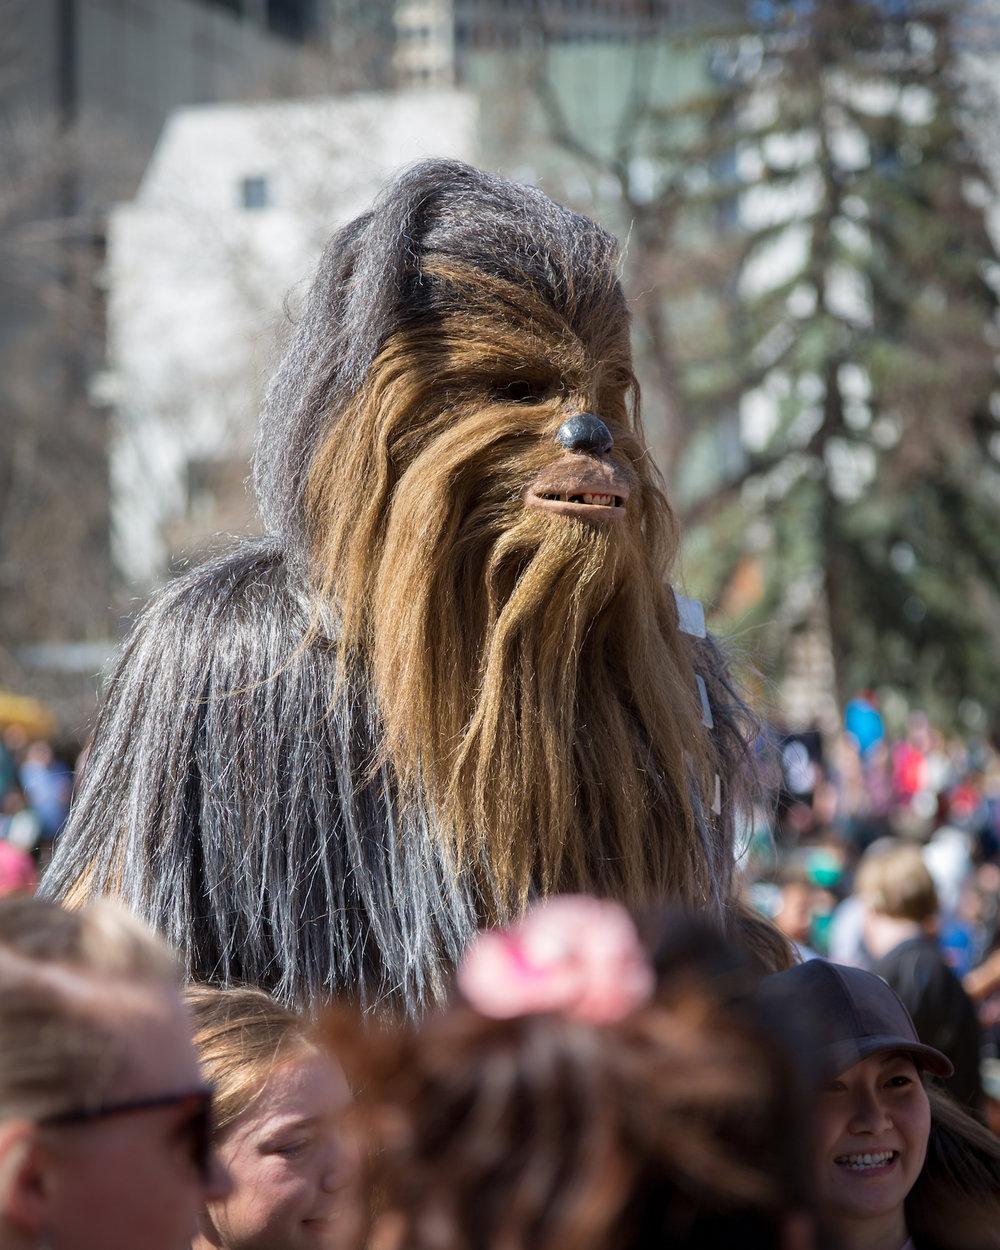 Wookie crowd2.jpg